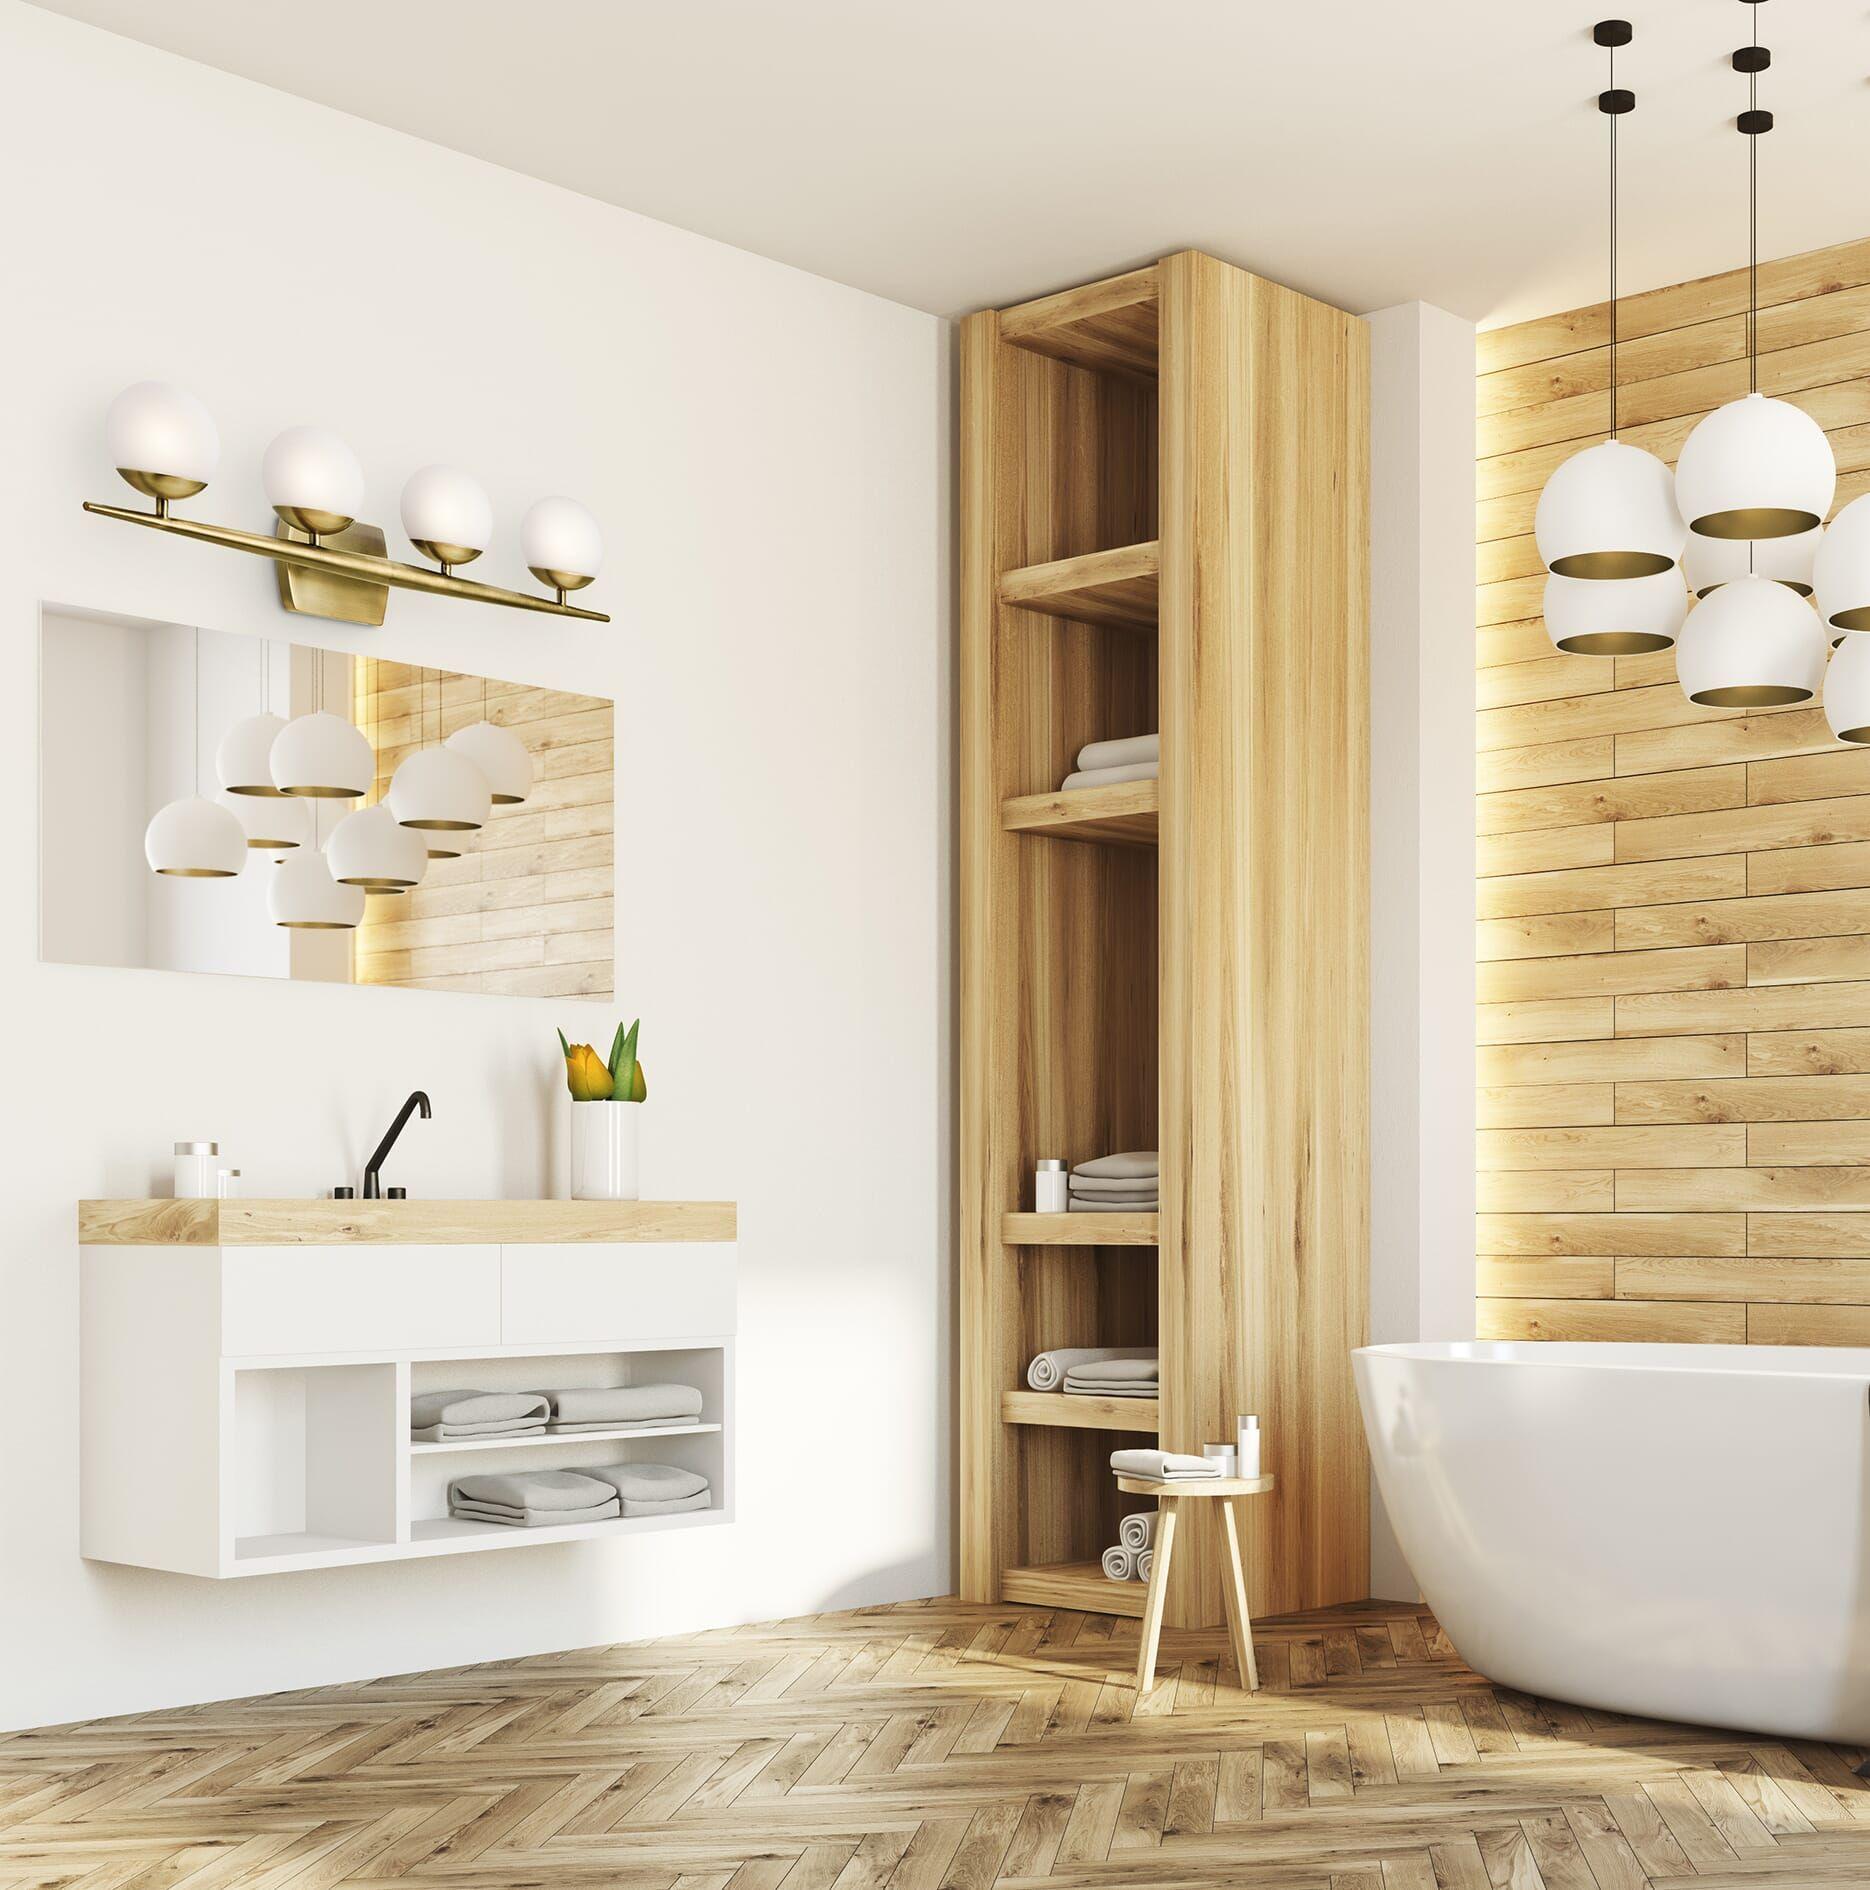 """Photo of Kichler Jasper 4-Light 32 """"Bathroom Vanity Light in Natural Brass"""